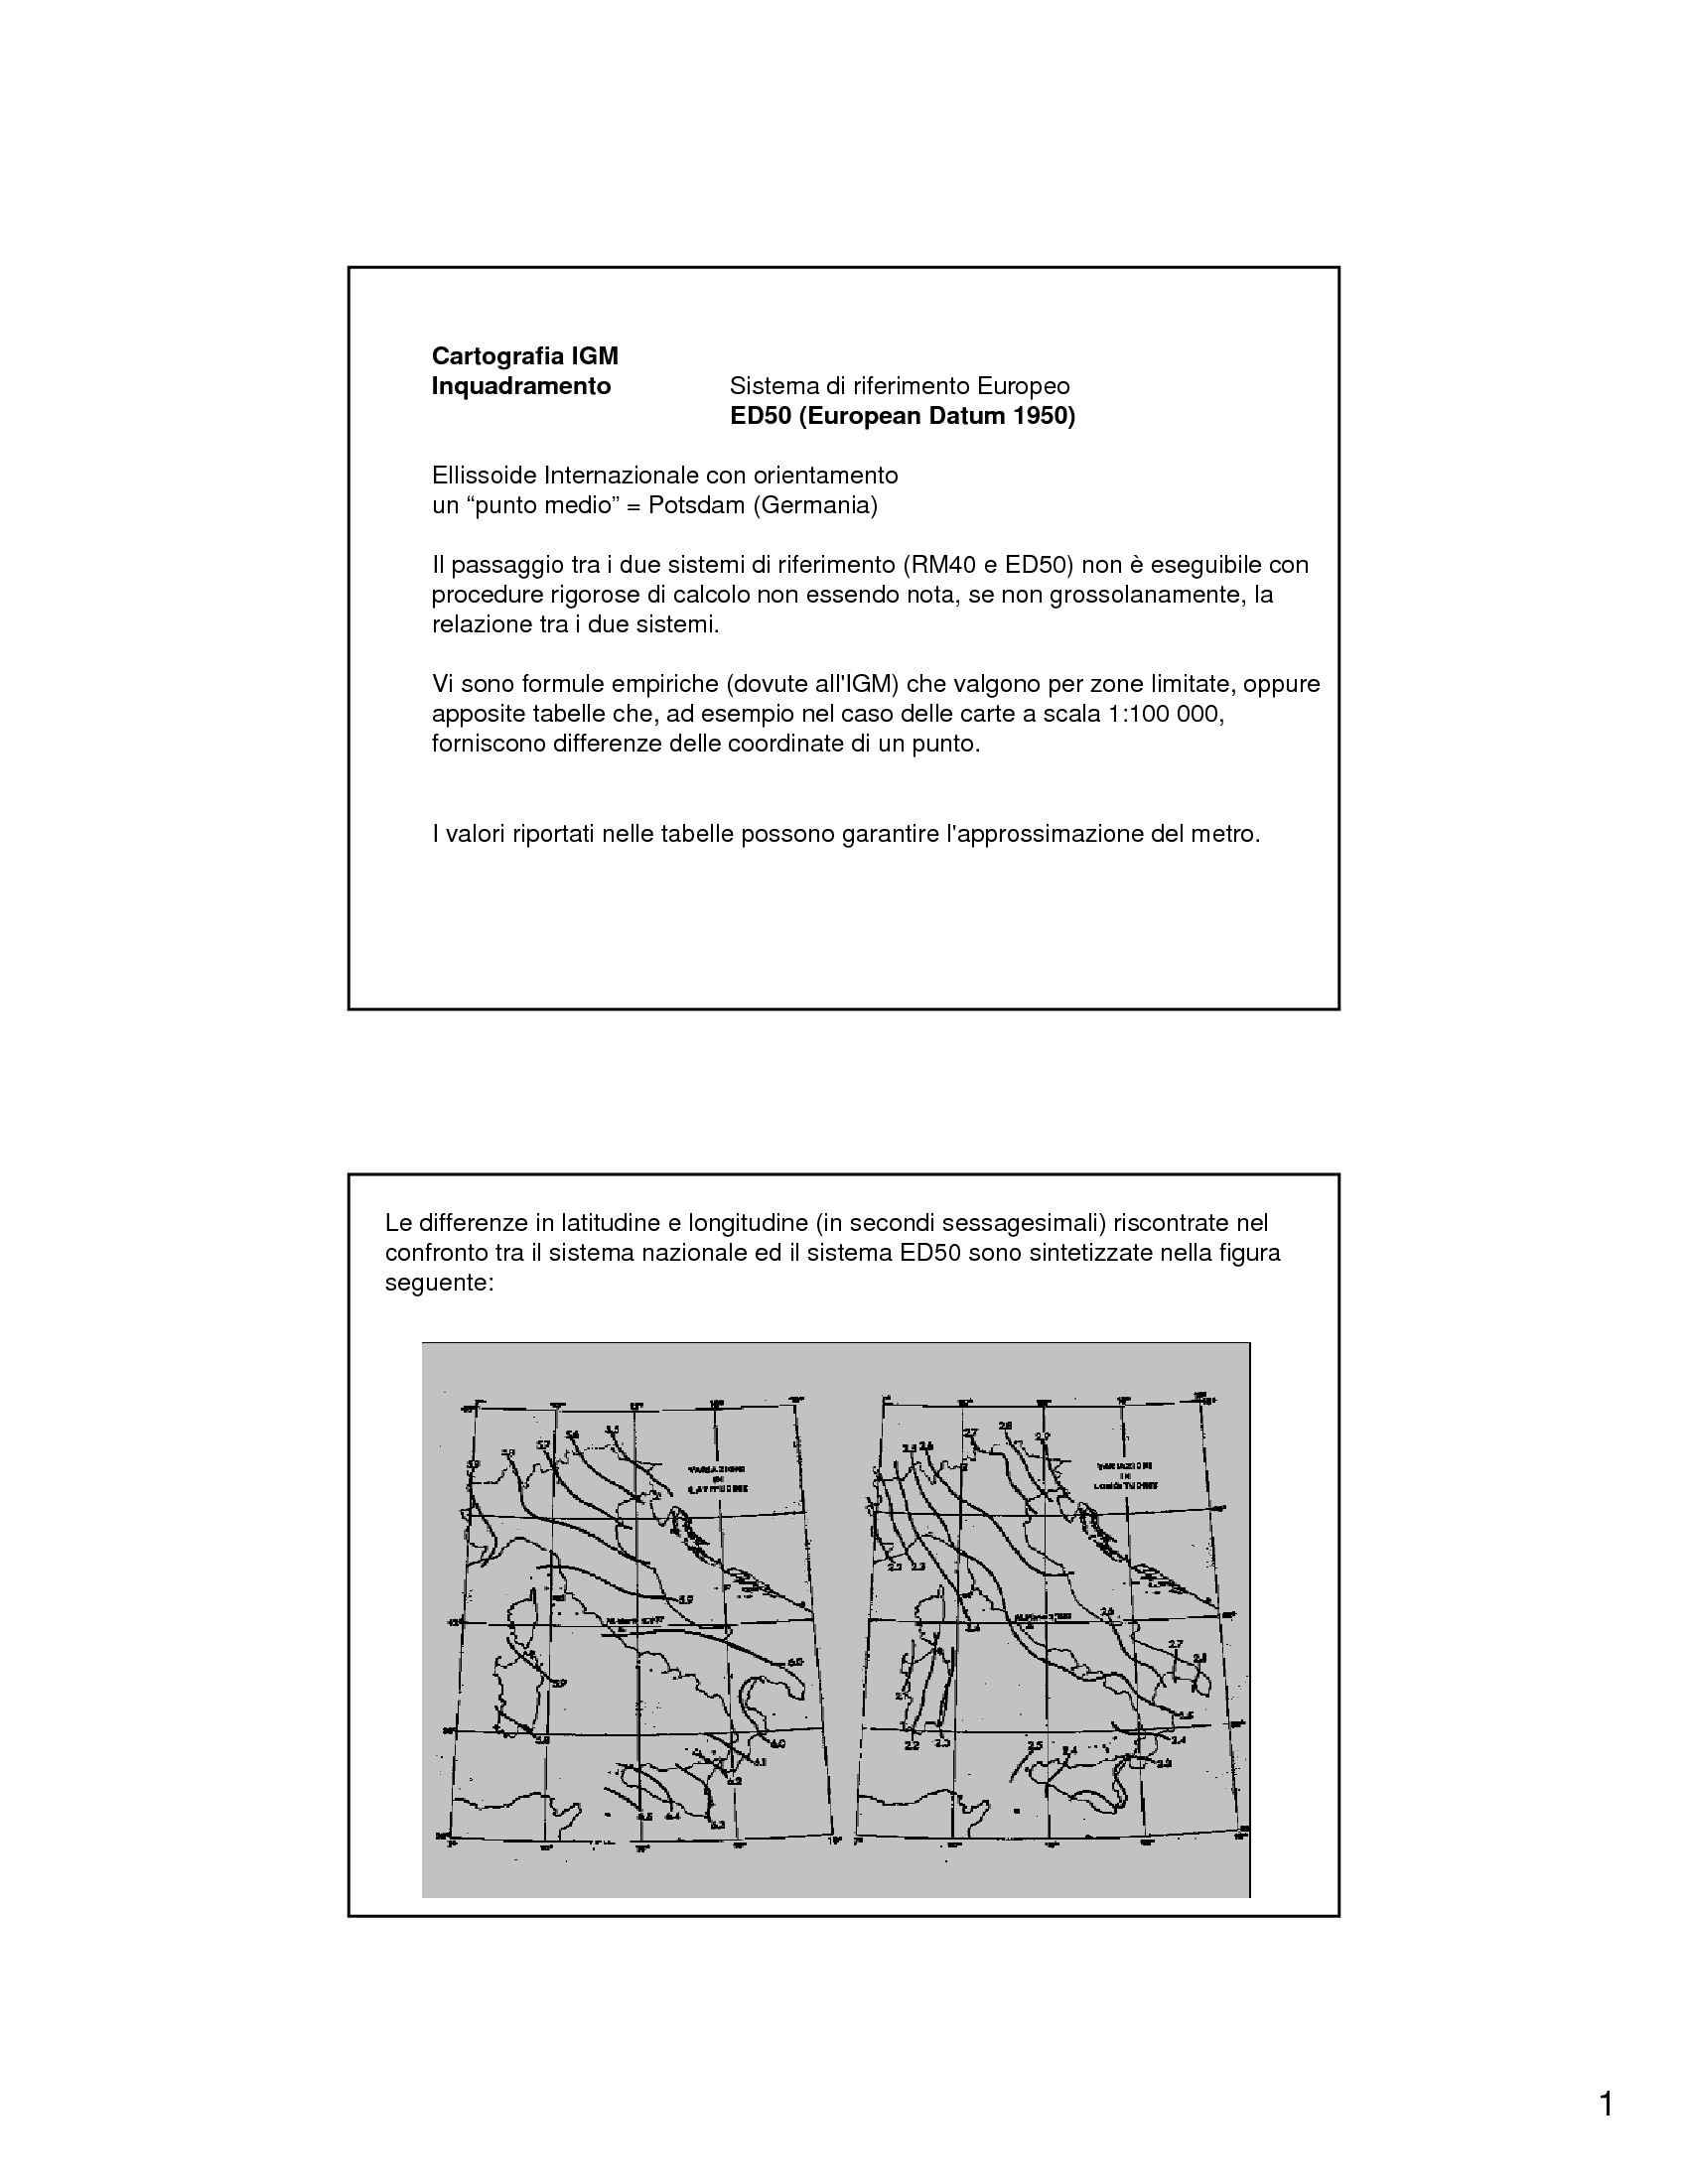 Cartografia IGM e cartografia catastale